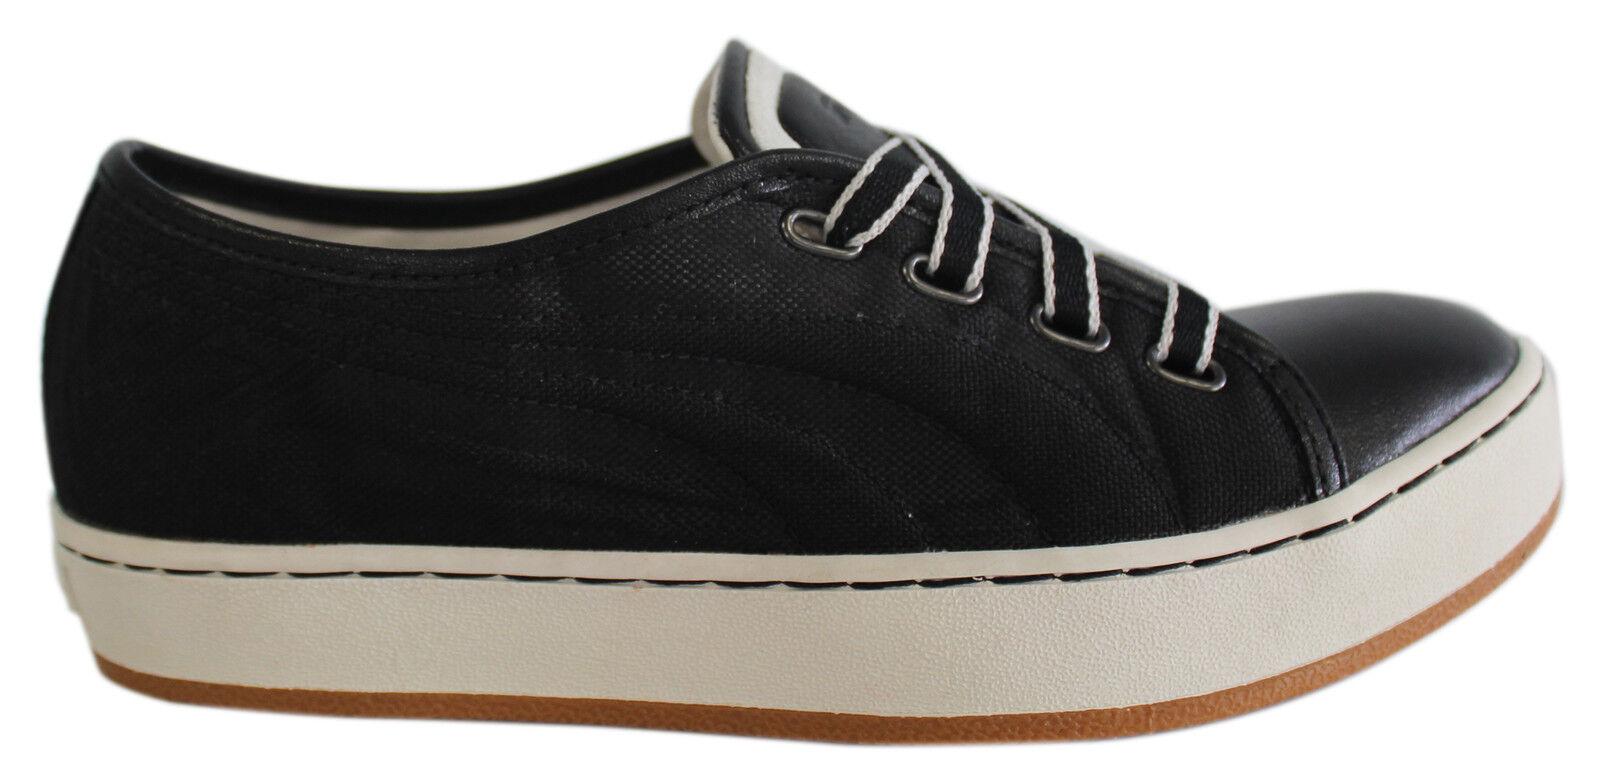 Zapatos promocionales para hombres y mujeres Puma Alexander McQueen AMQ Vulcanizo Mujer Zapatillas Cuero Negro 348293 03 D18